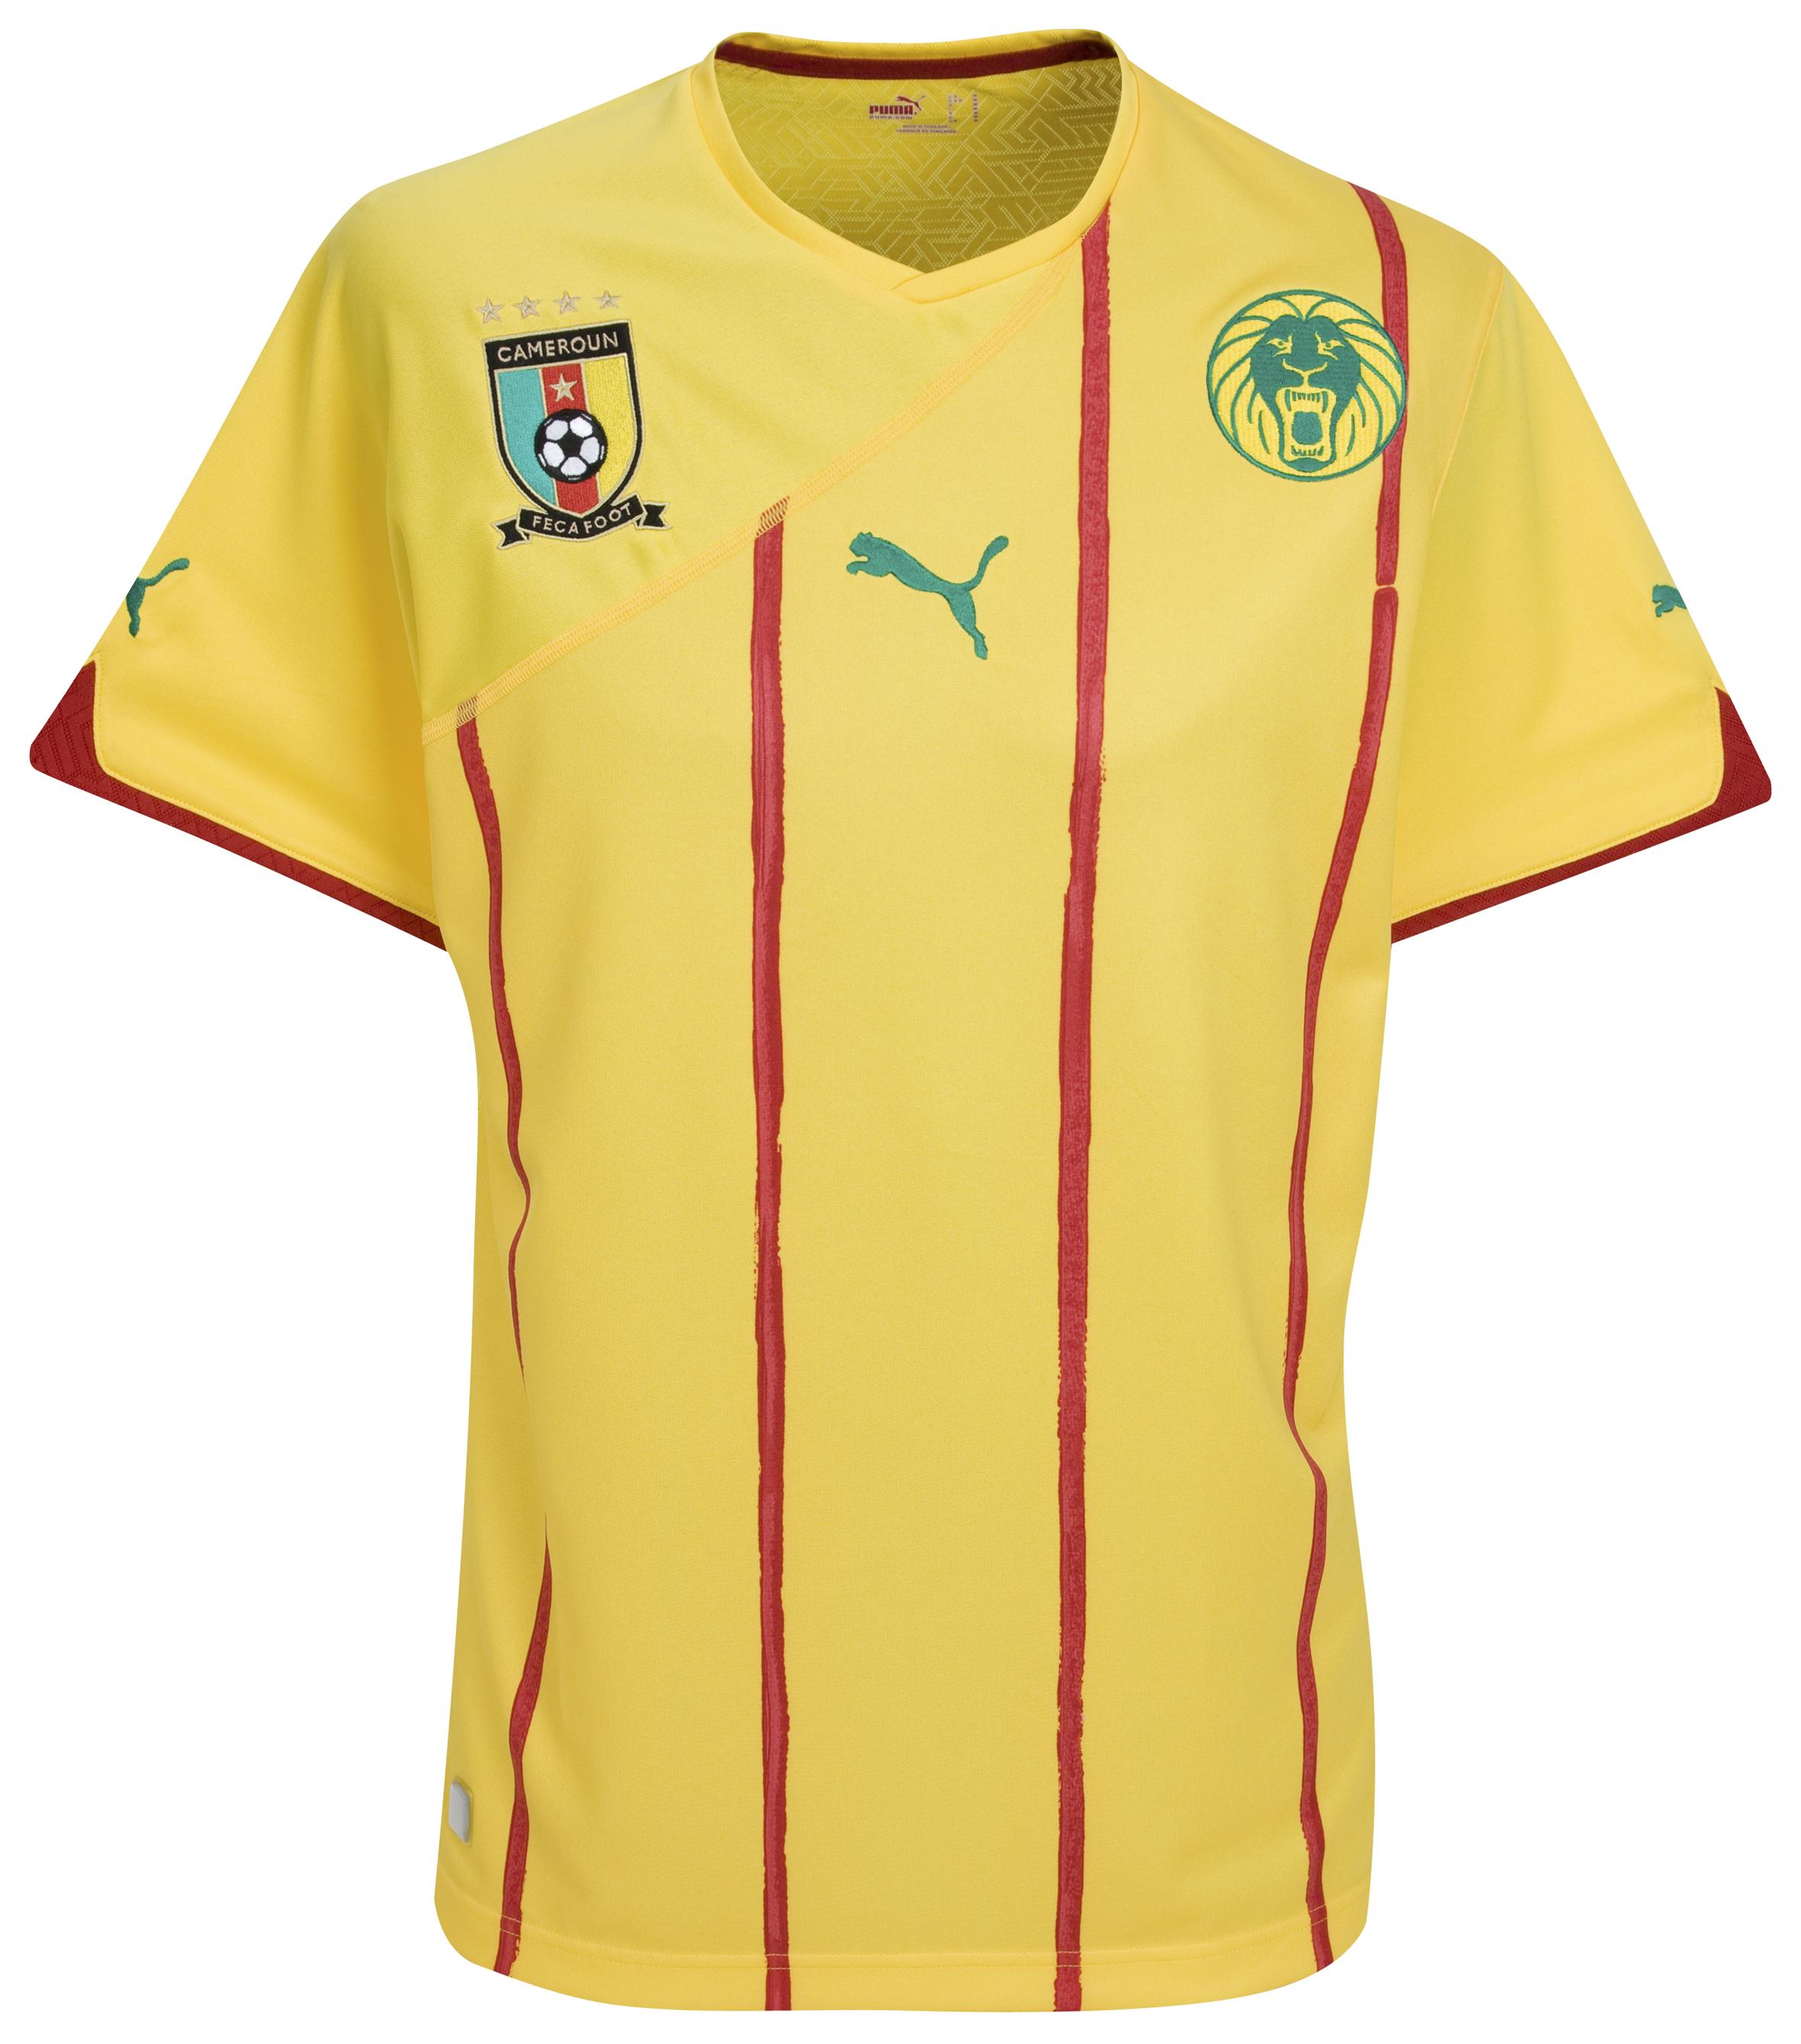 الملابس الخاصة بالمنتخبات العالم (جنوب أفريقيا 2010) kb-60882.jpg?width=4